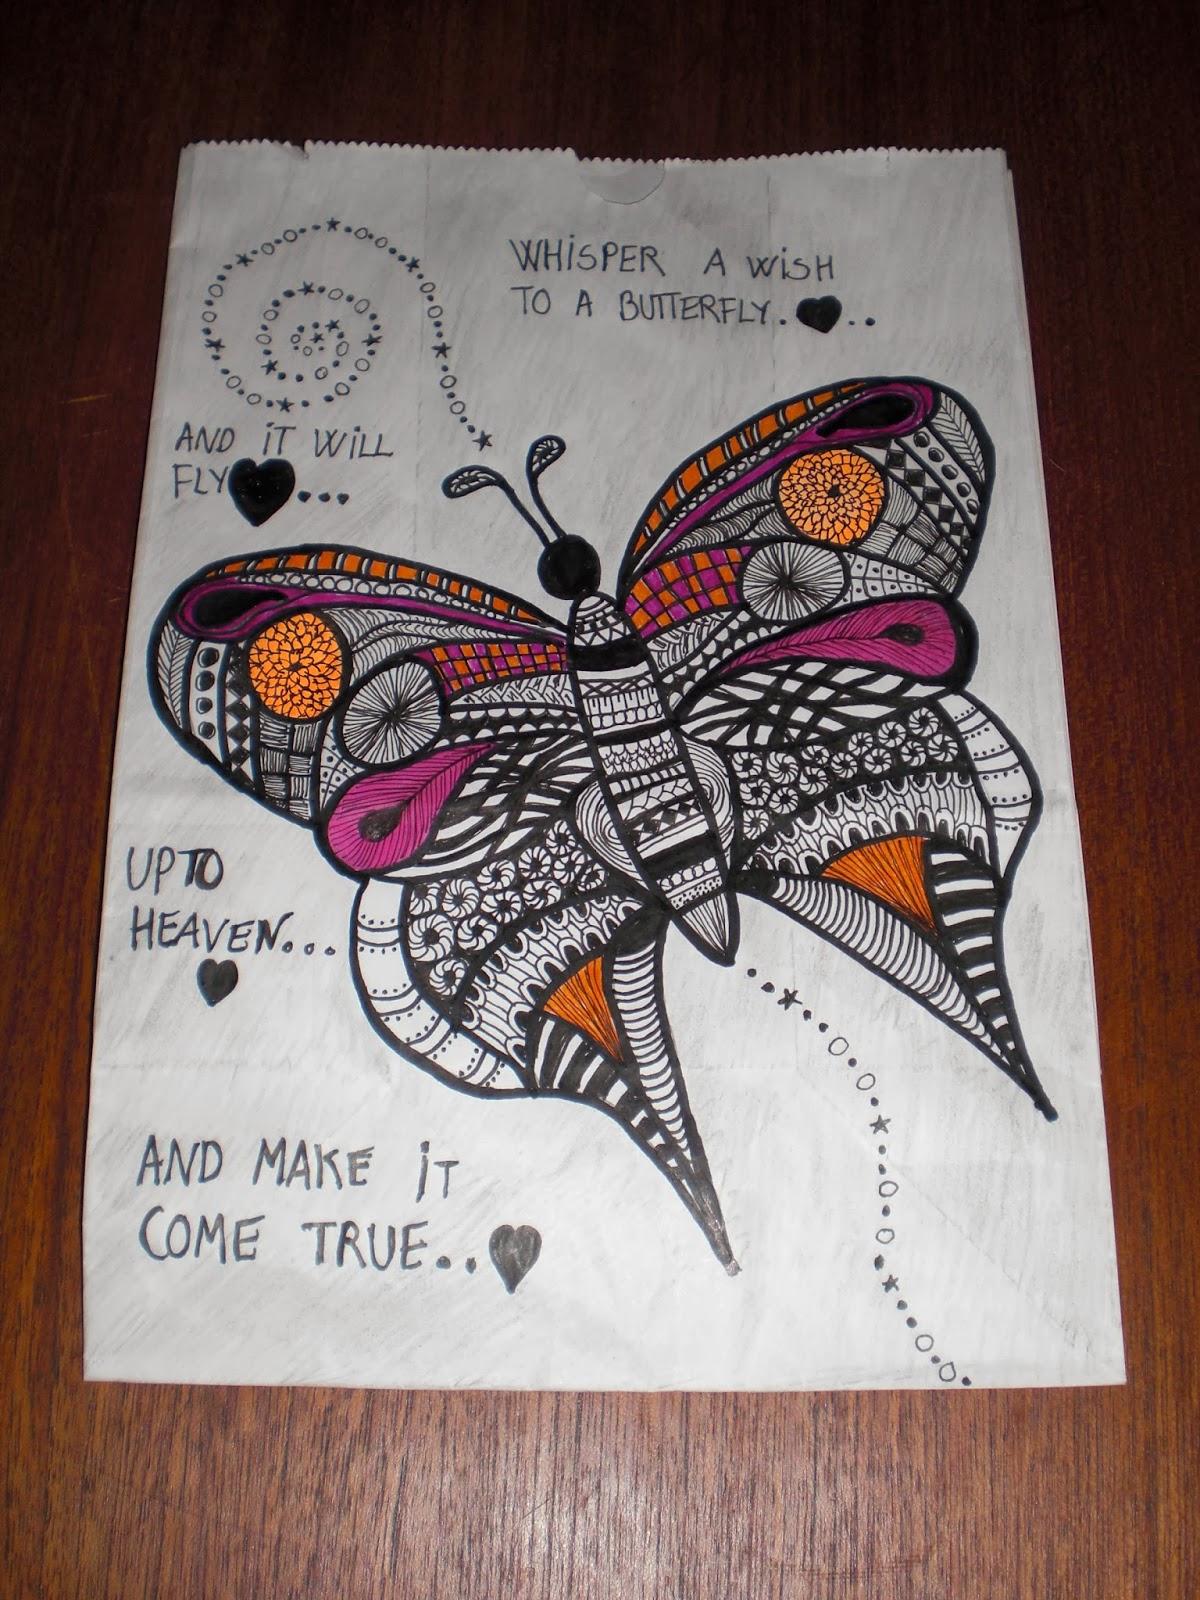 Zentangle kruseduller tegnet på lysposer for Kræftens Bekæmpelse.